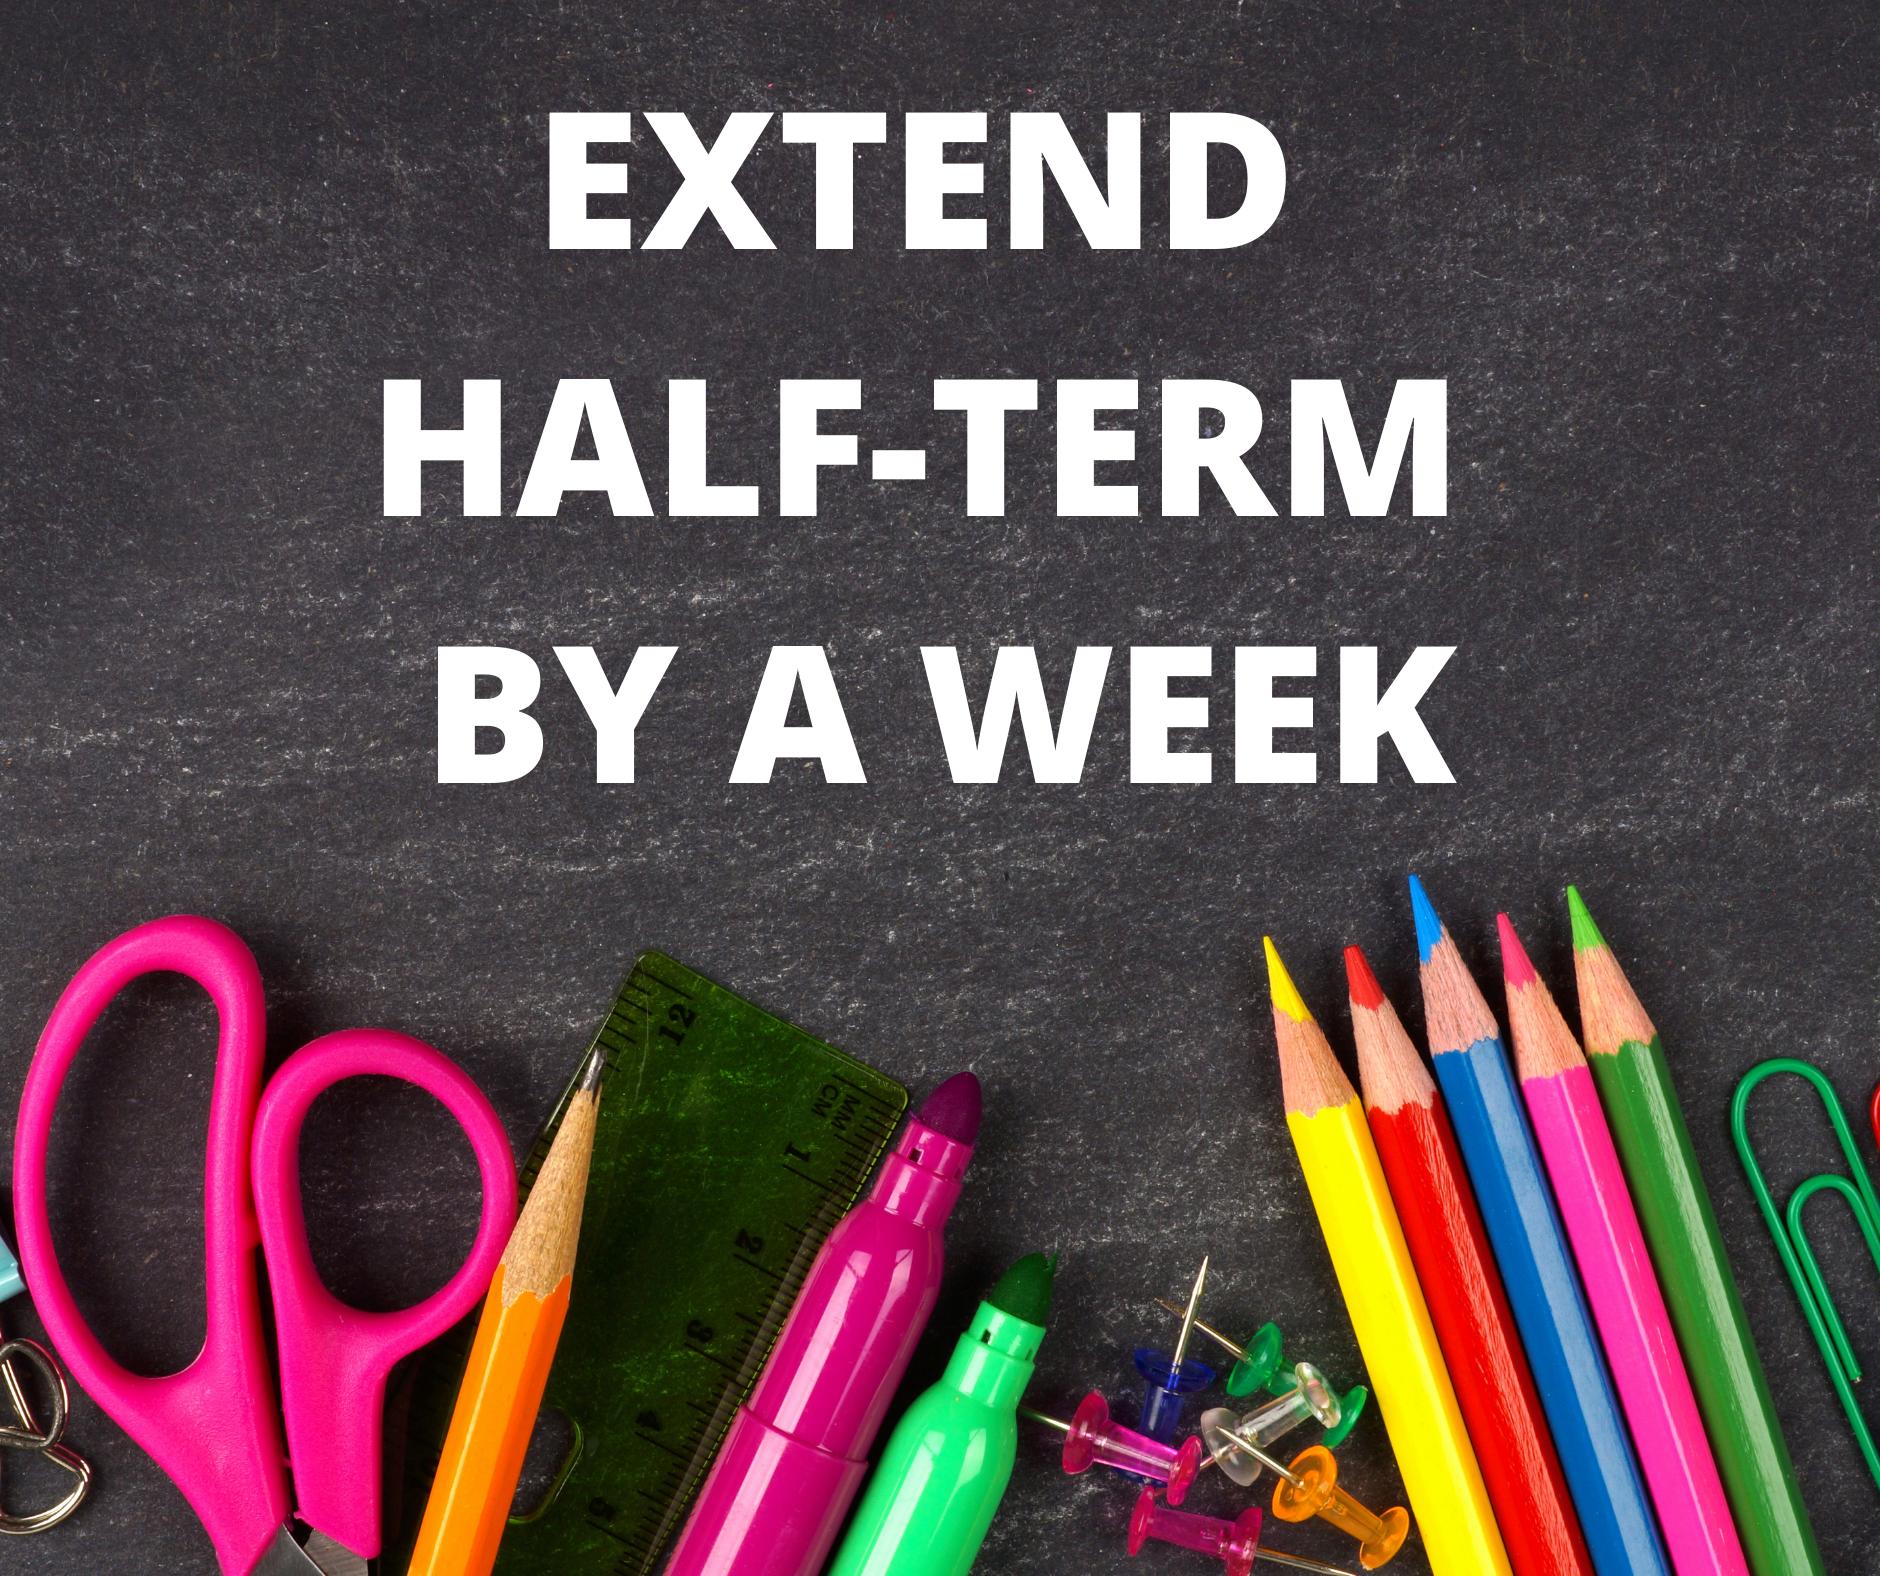 Extend half-term by a week